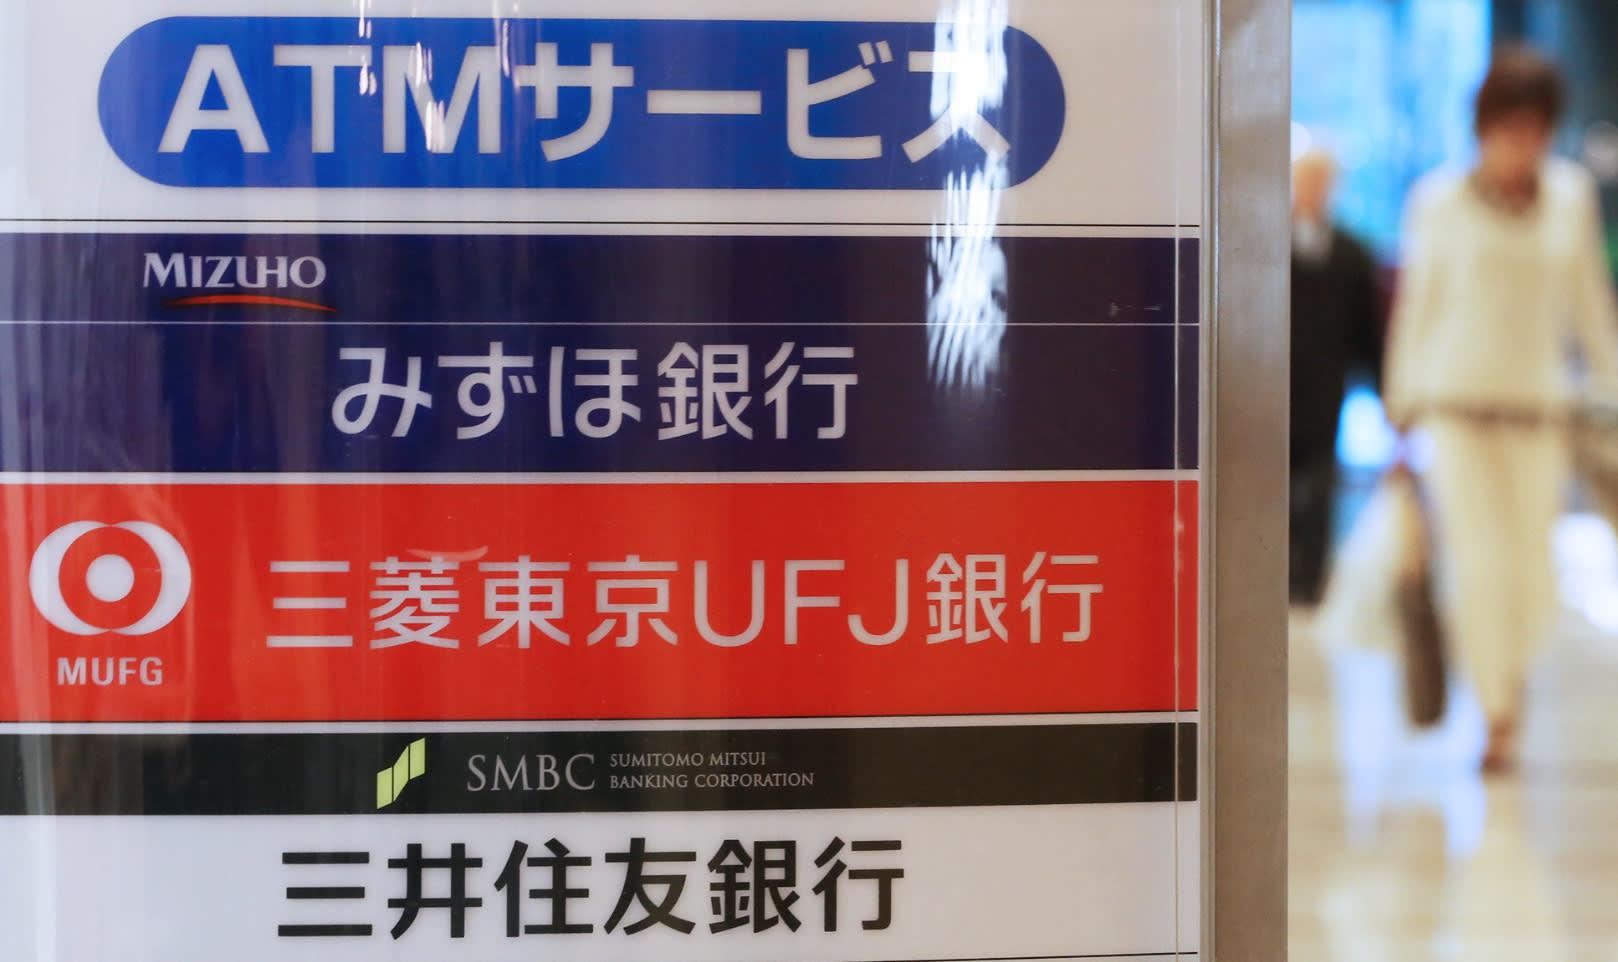 Japan megabanks to allow 24-hour mobile money transfer